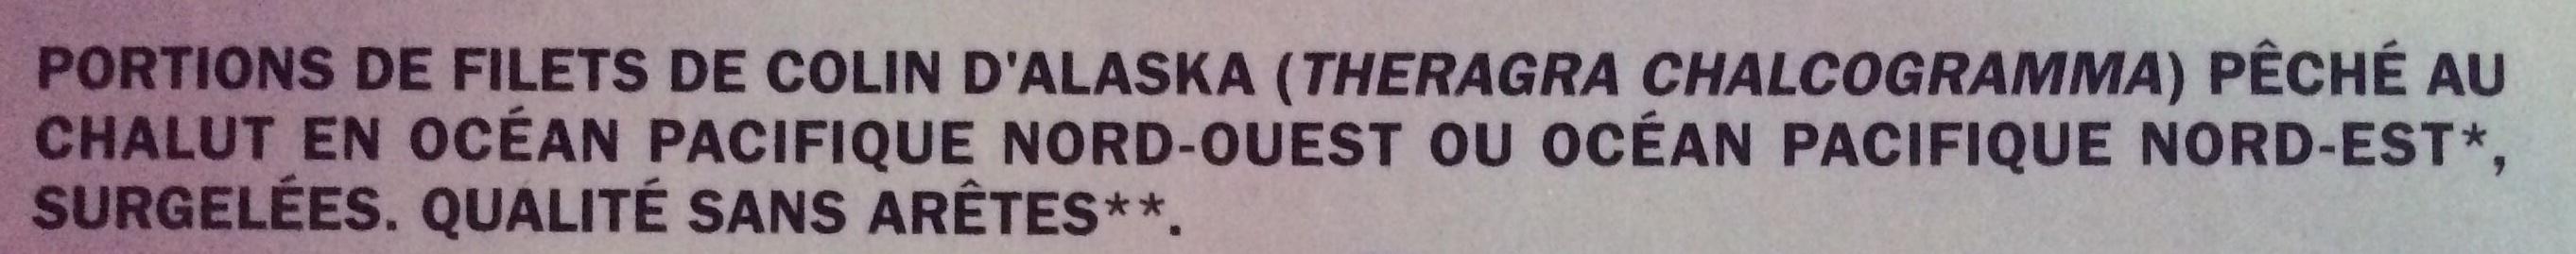 Filets de colin d'Alaska x10 - Ingrédients